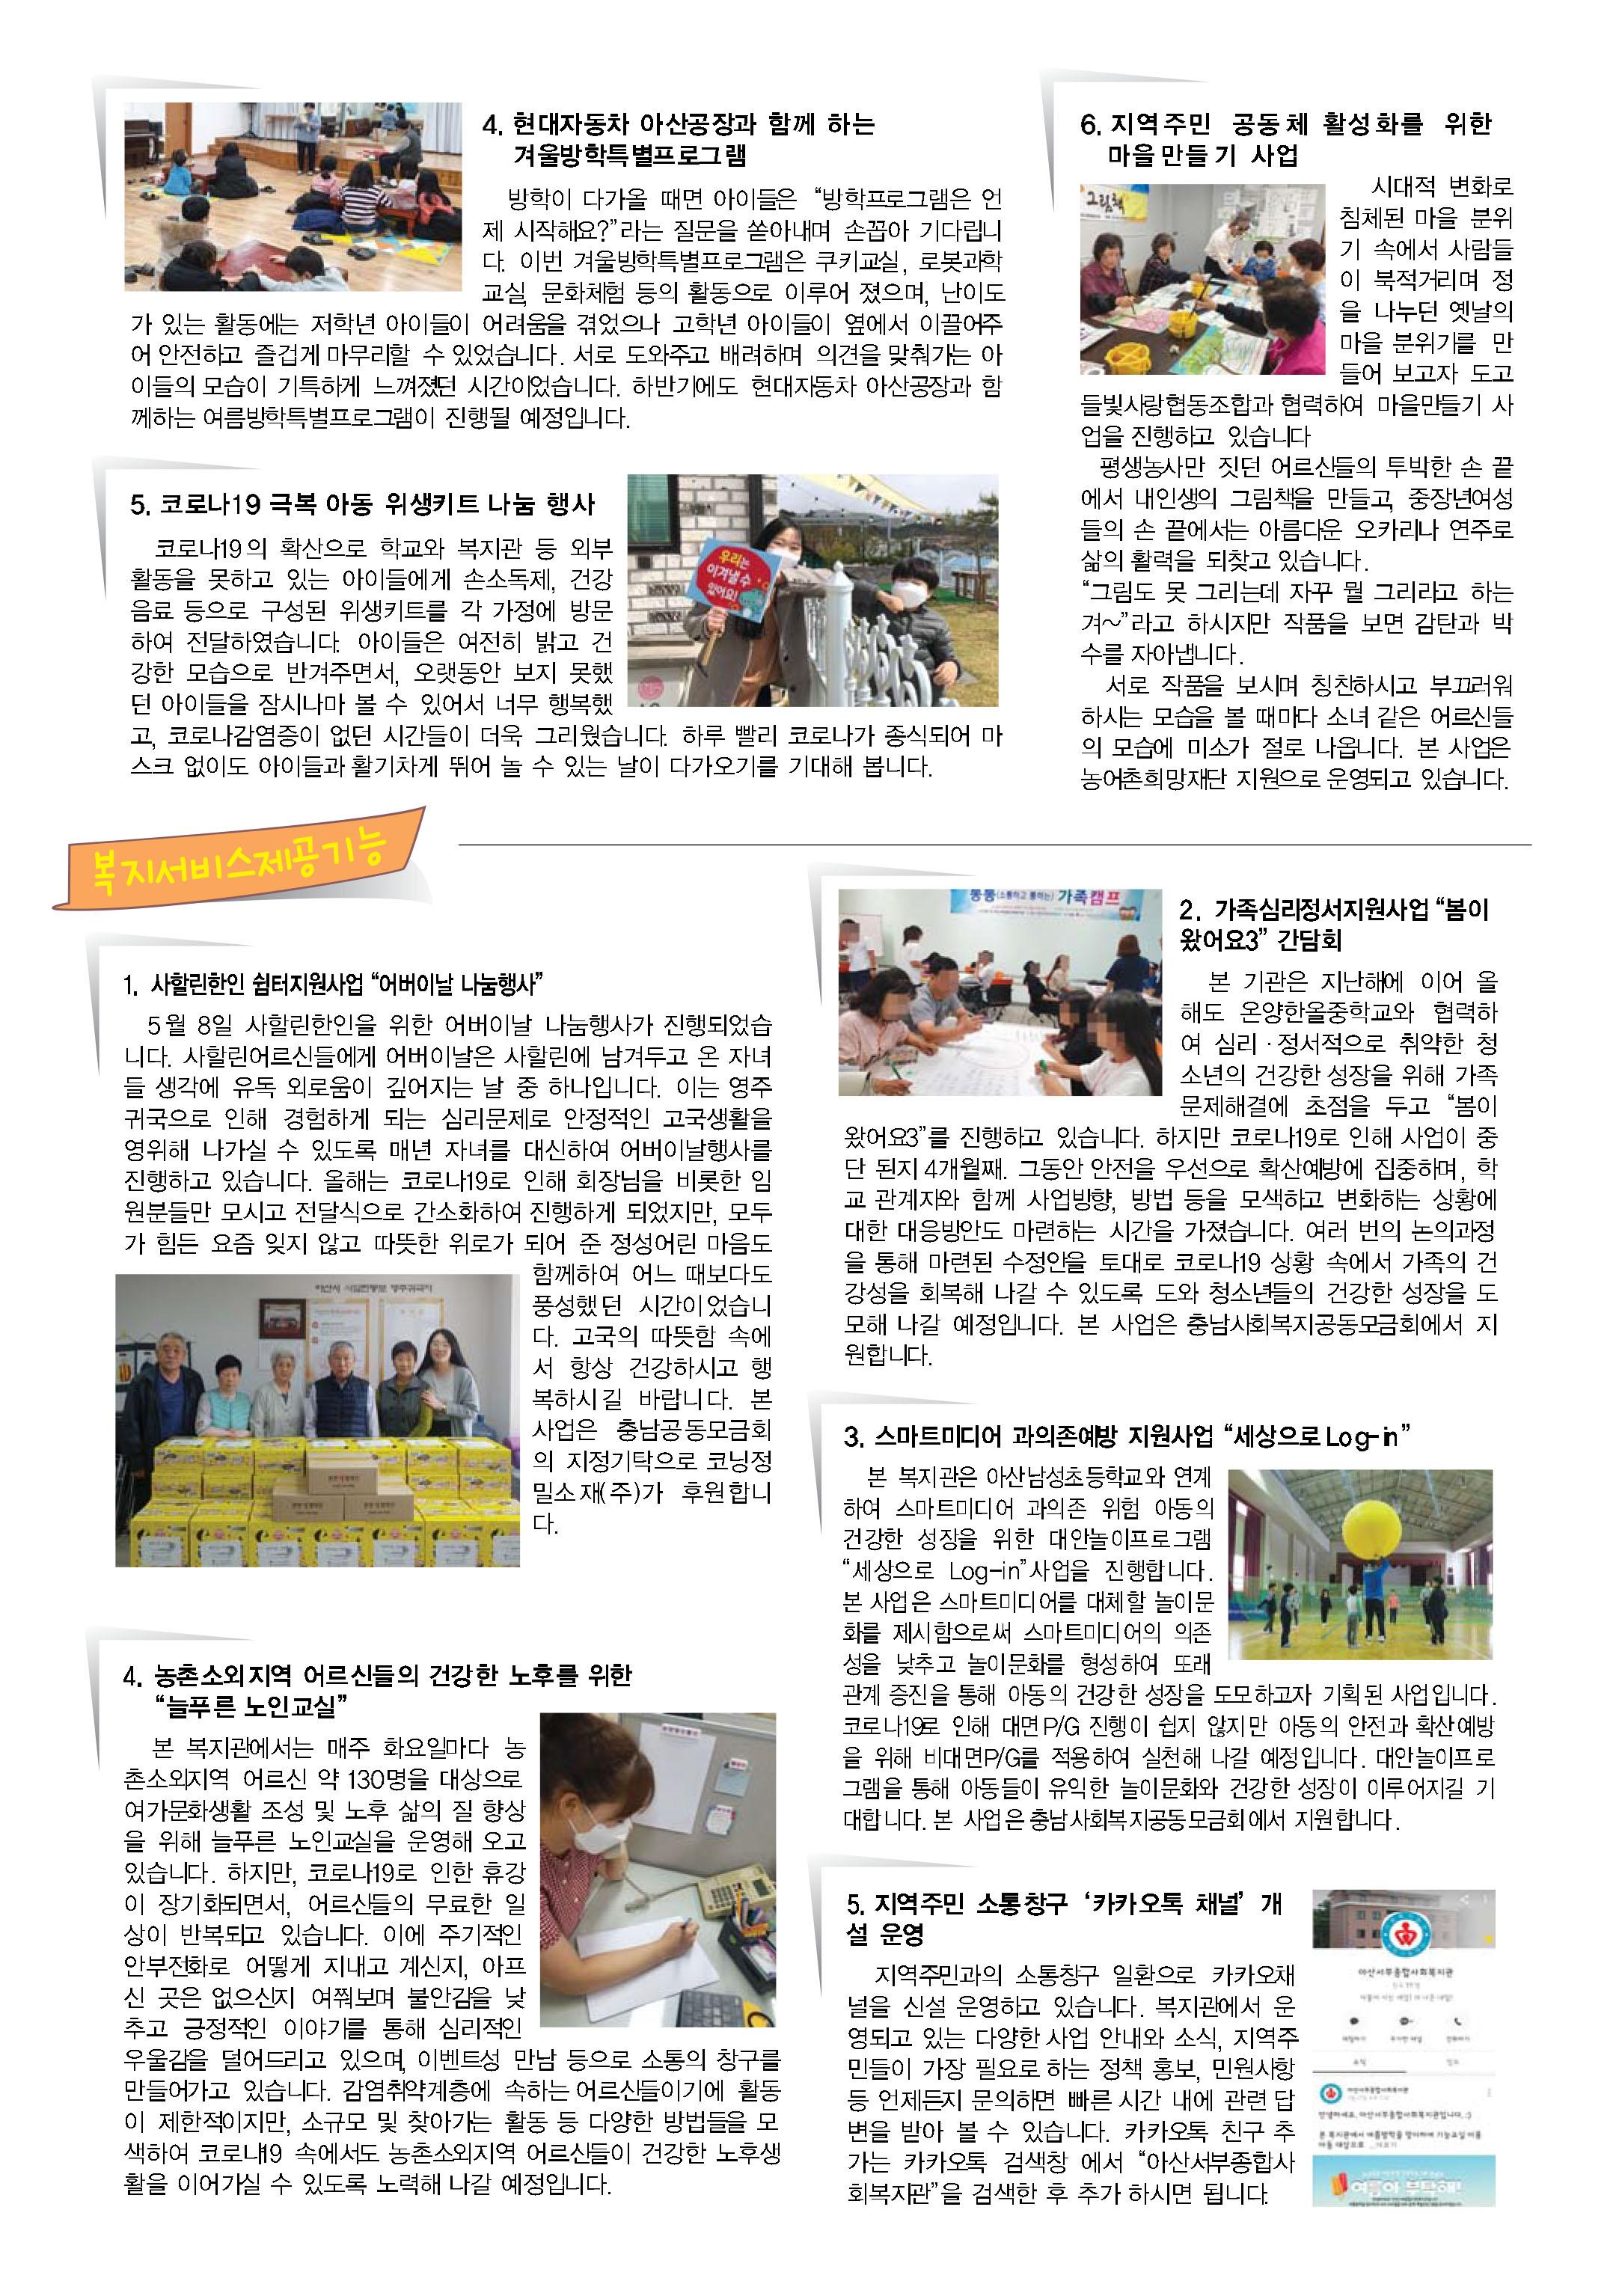 옹달샘-38호최종-4.jpg